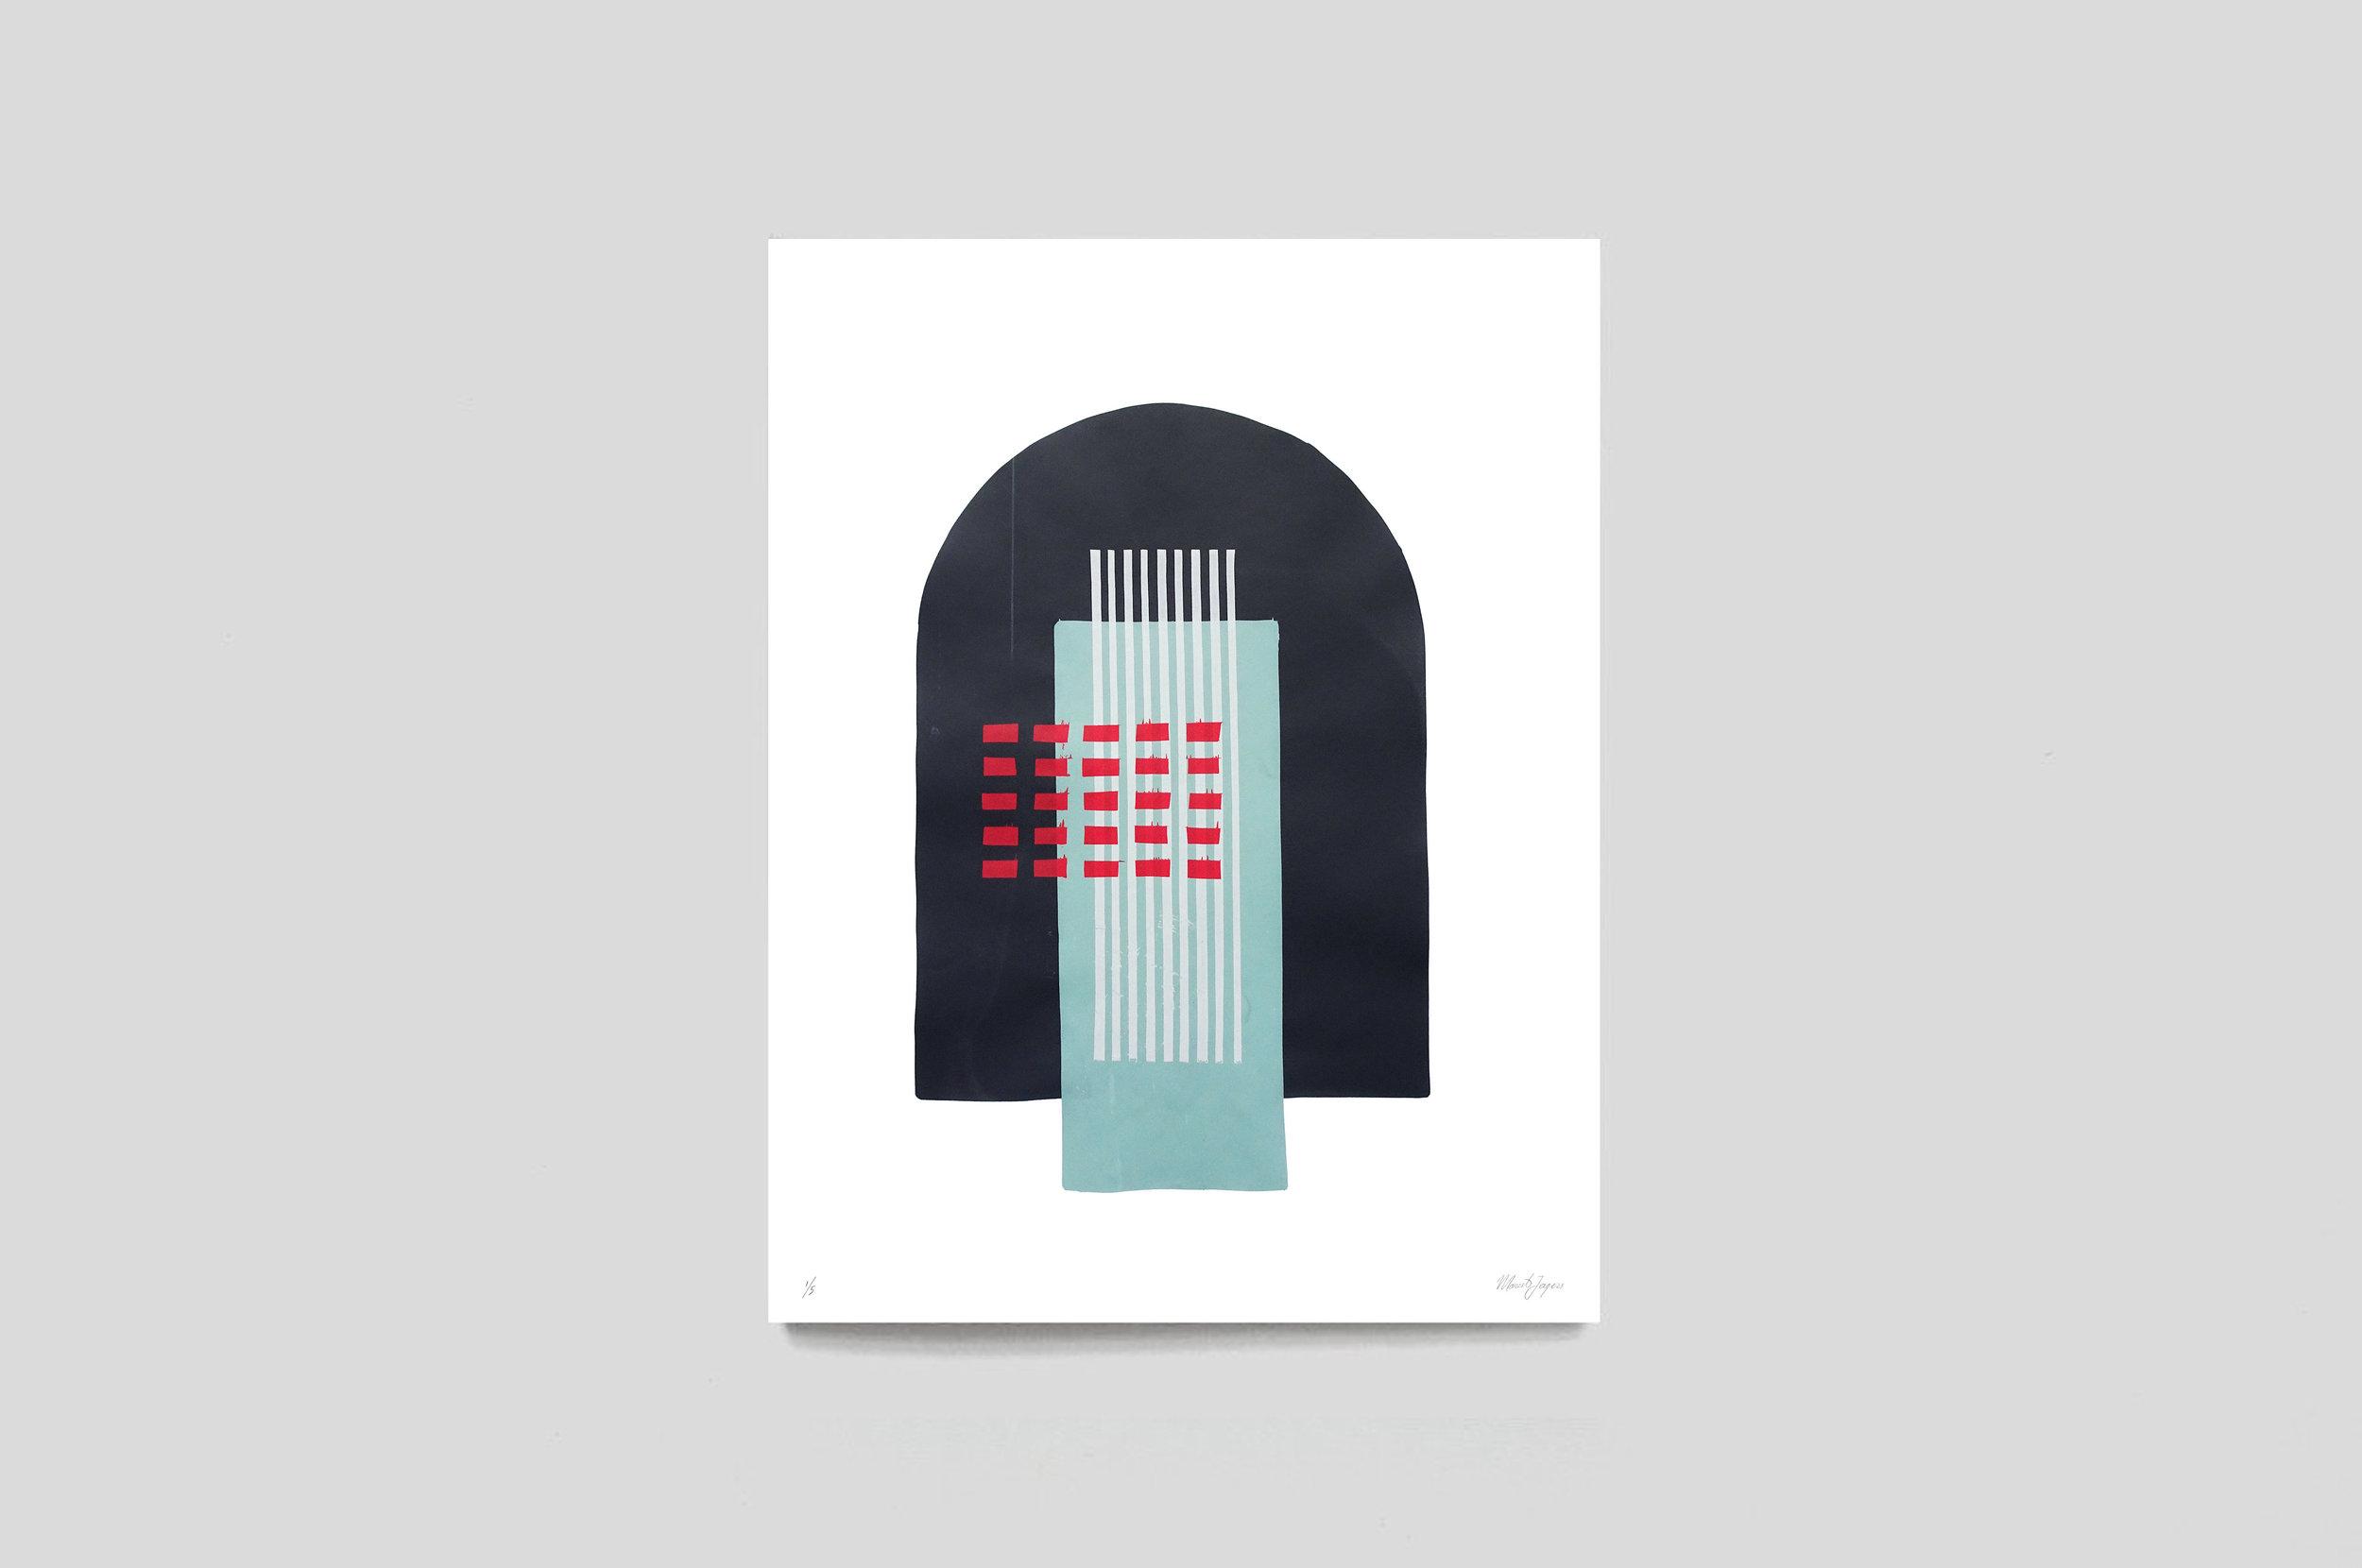 Poster_aan_muur_Marrit_Jagers_StudioJOA_zeefdruk_0015_16.jpg